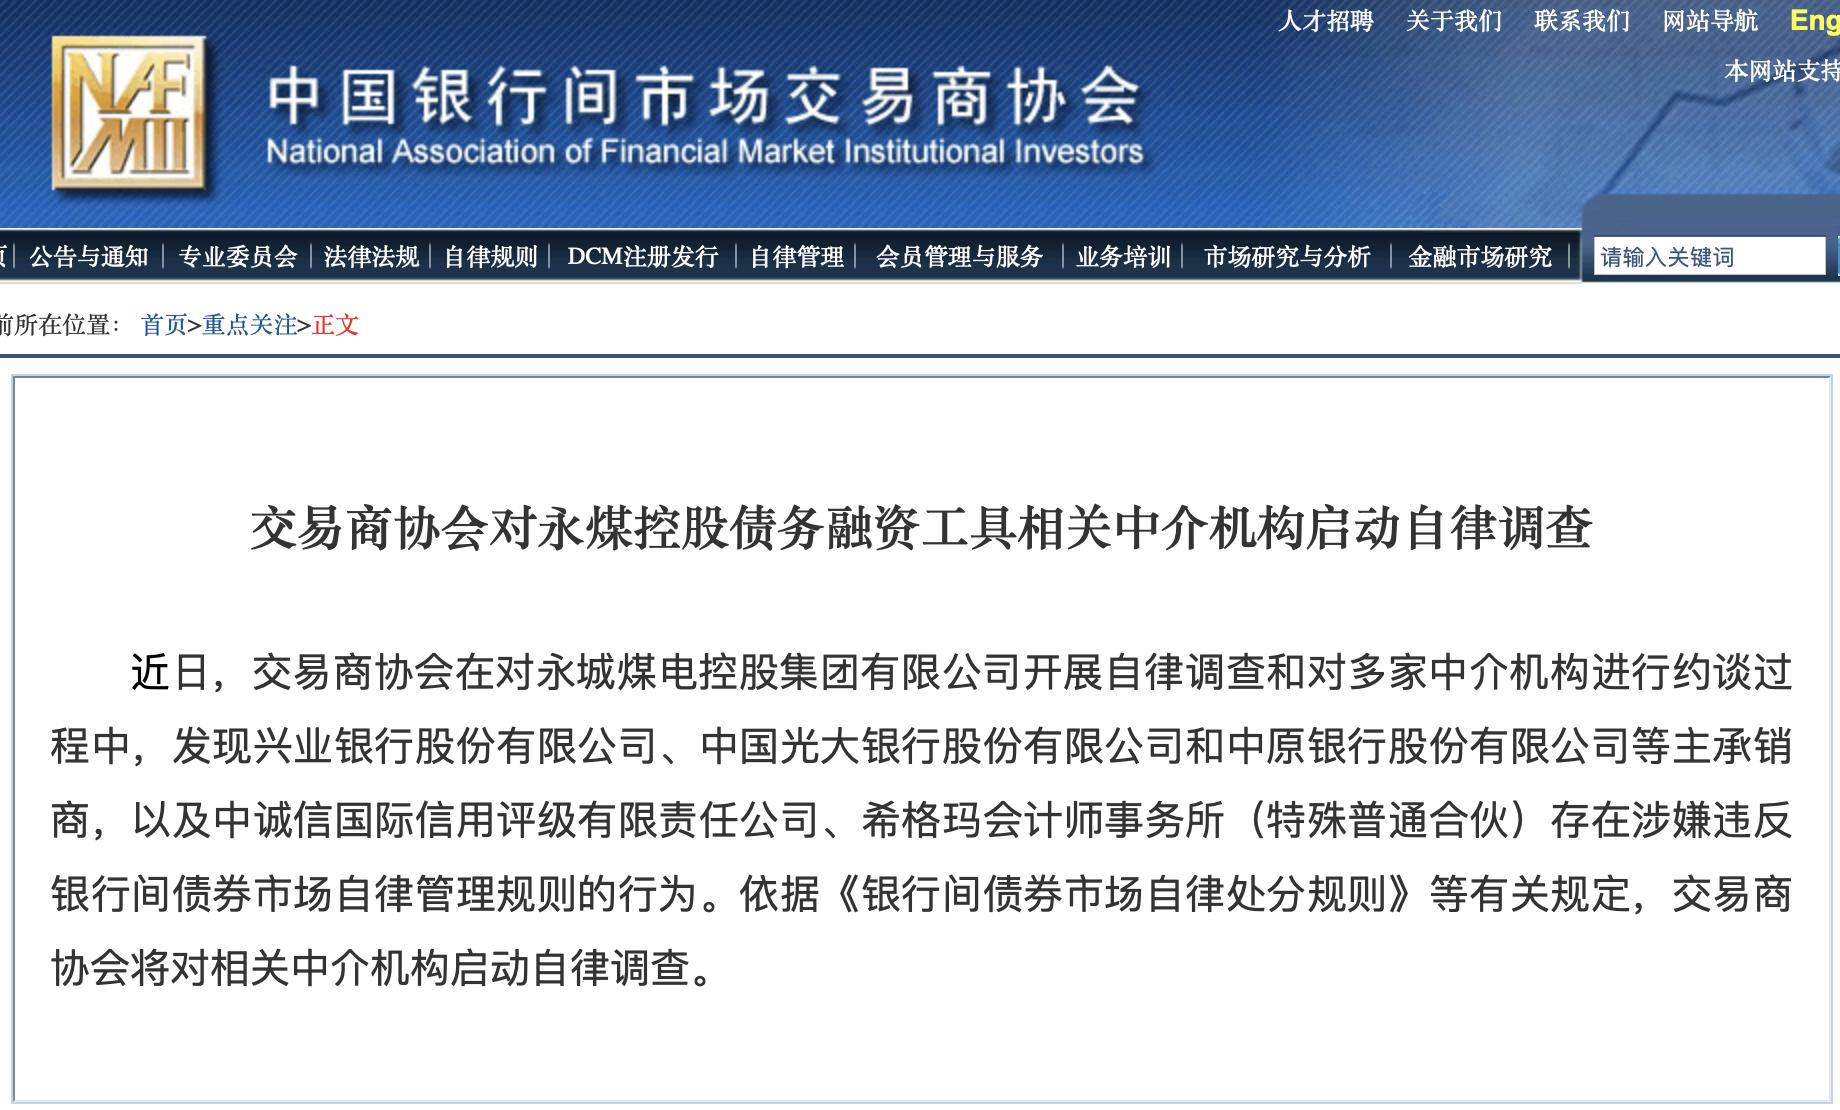 繼調查海通證券後,交易商協會披露出更多金融機構捲入中國債市黑幕。(網絡截圖)